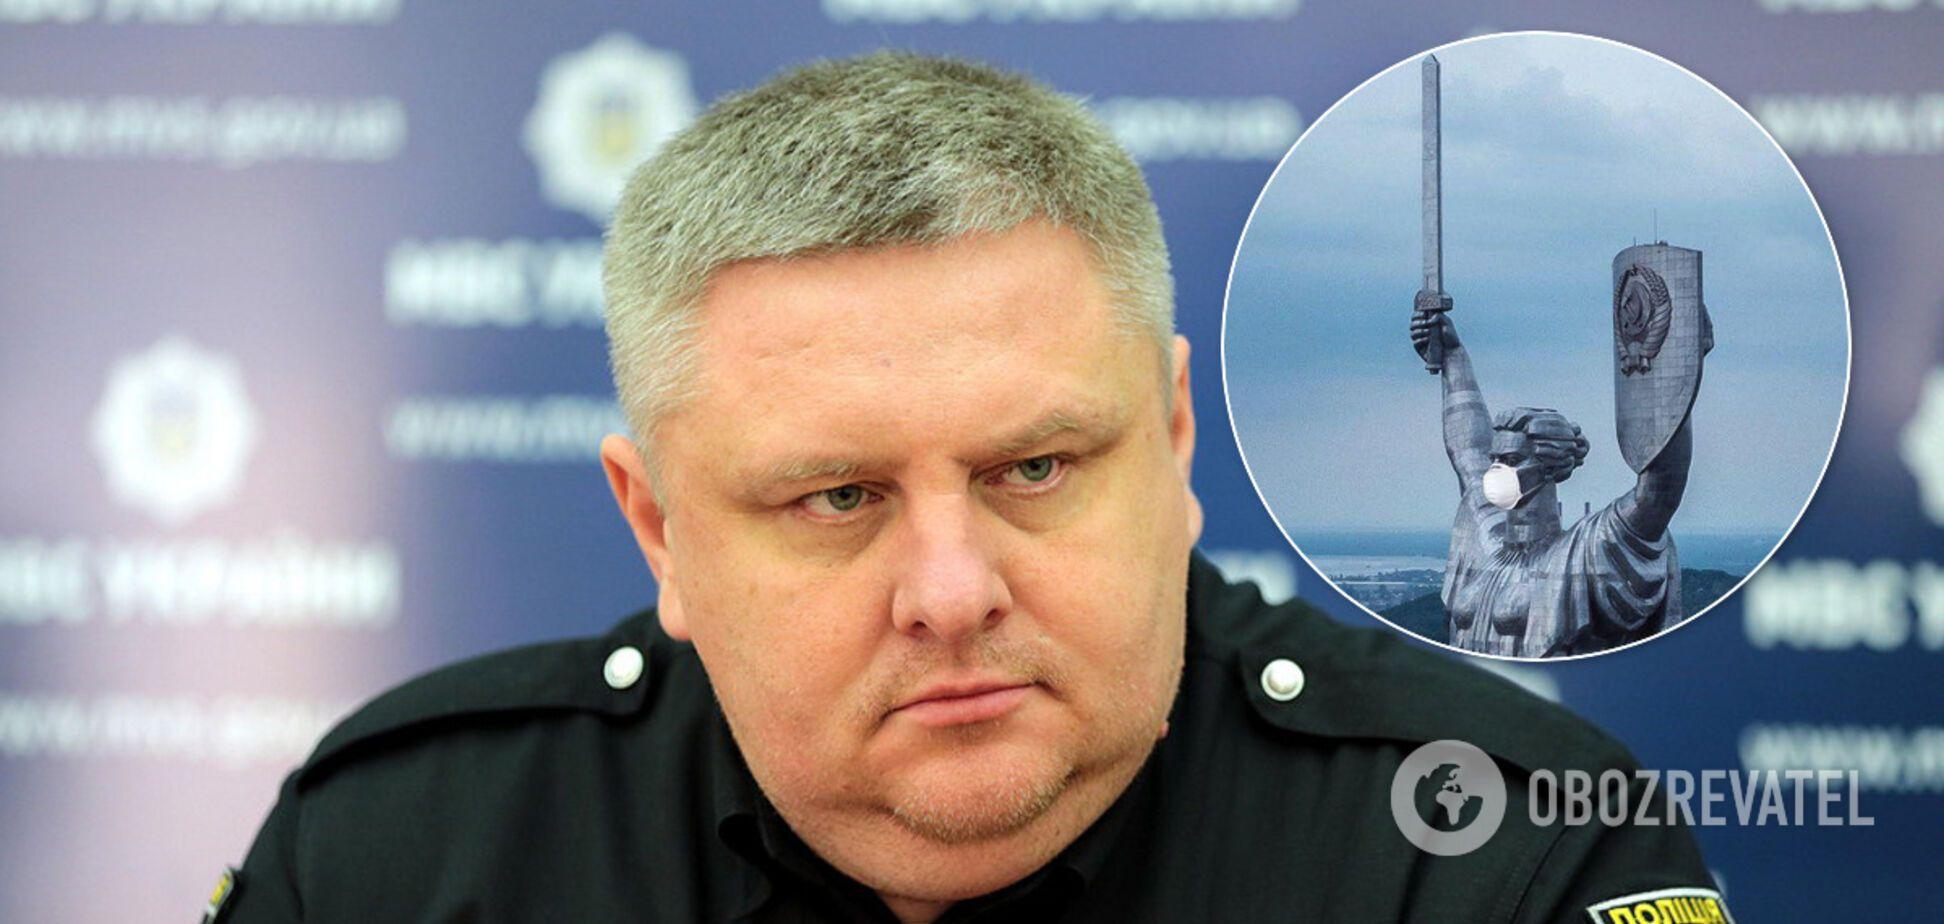 Больной коронавирусом глава полиции Киева Крищенко. Иллюстрация